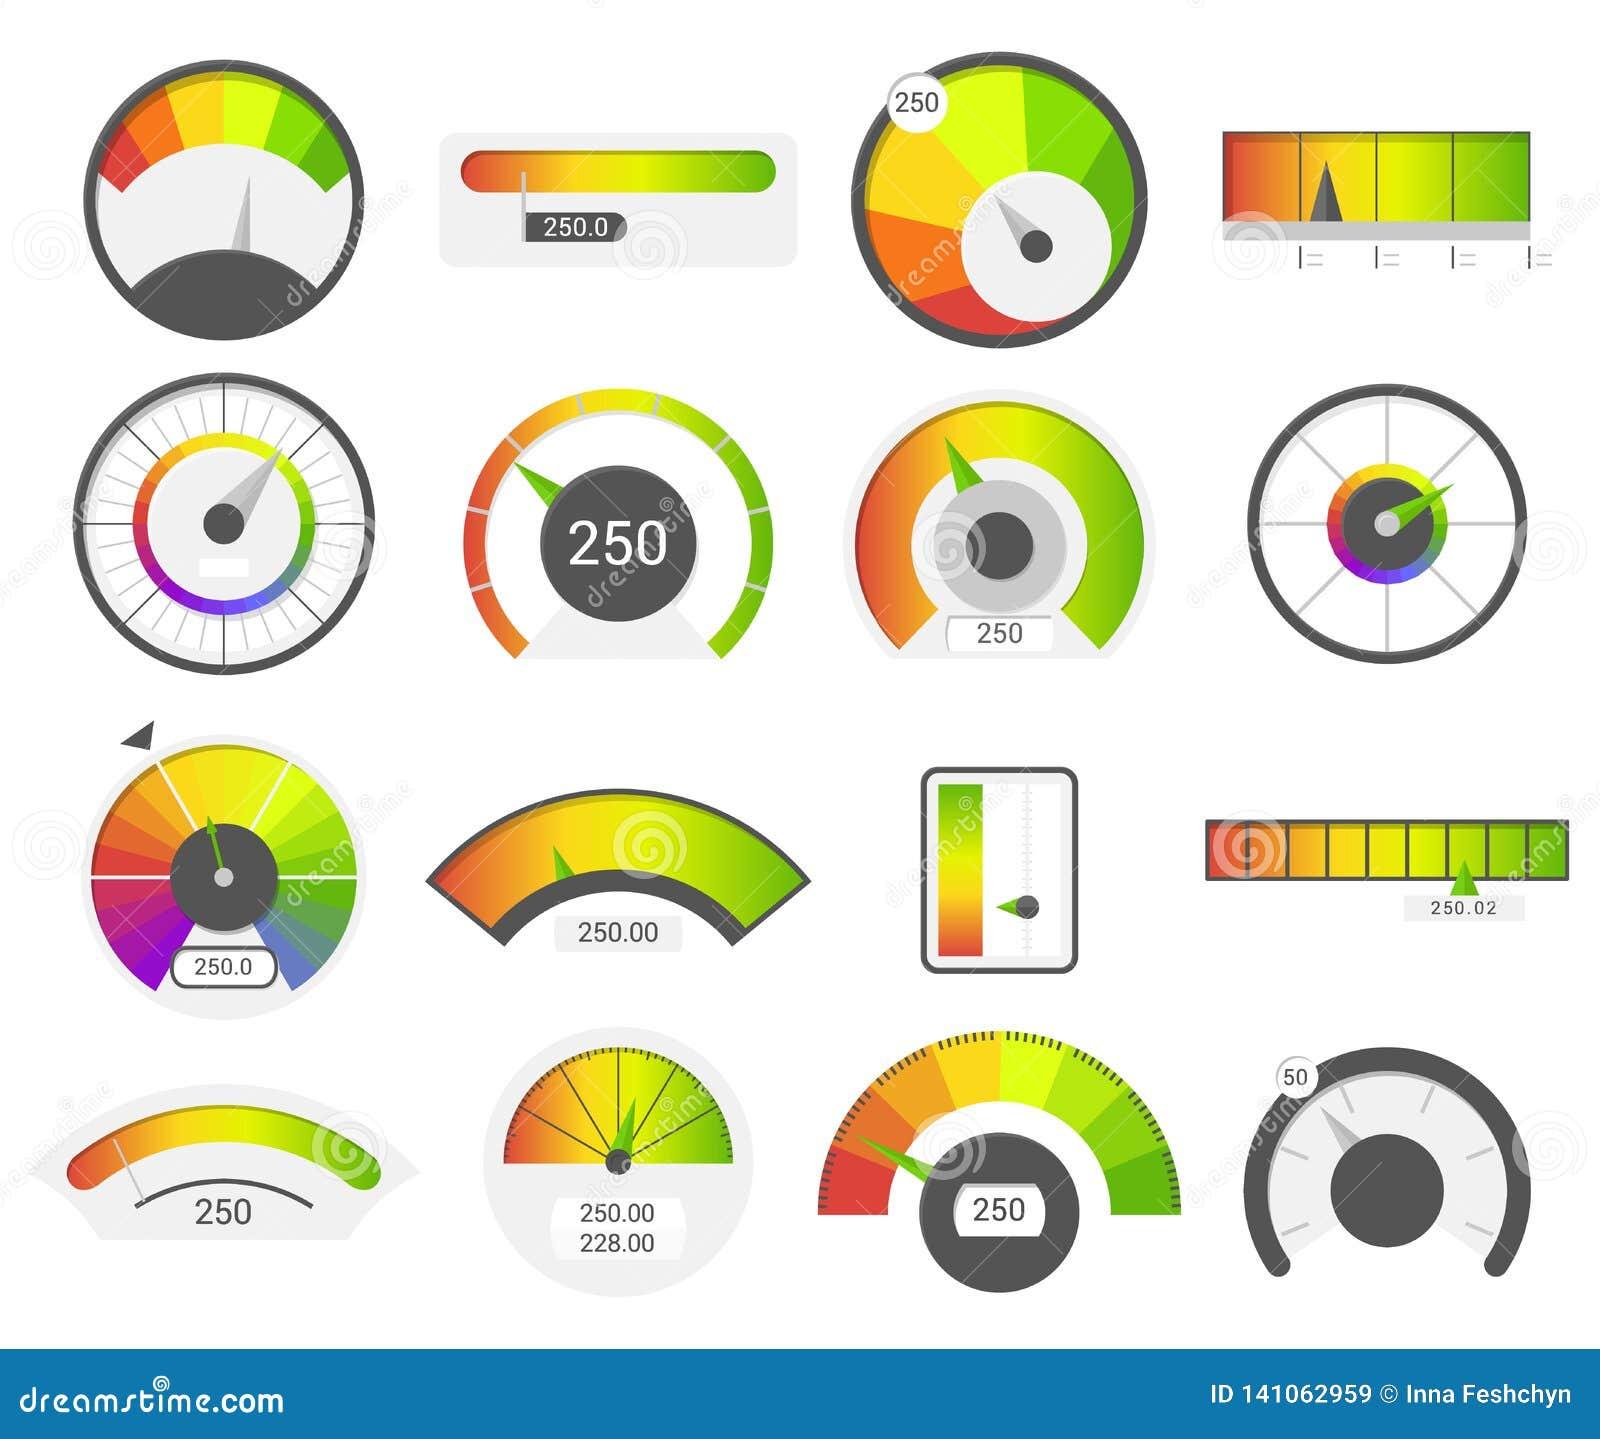 车速表象 信用评分显示 车速表物品测量仪规定值米 电平指示器,信用贷款计分